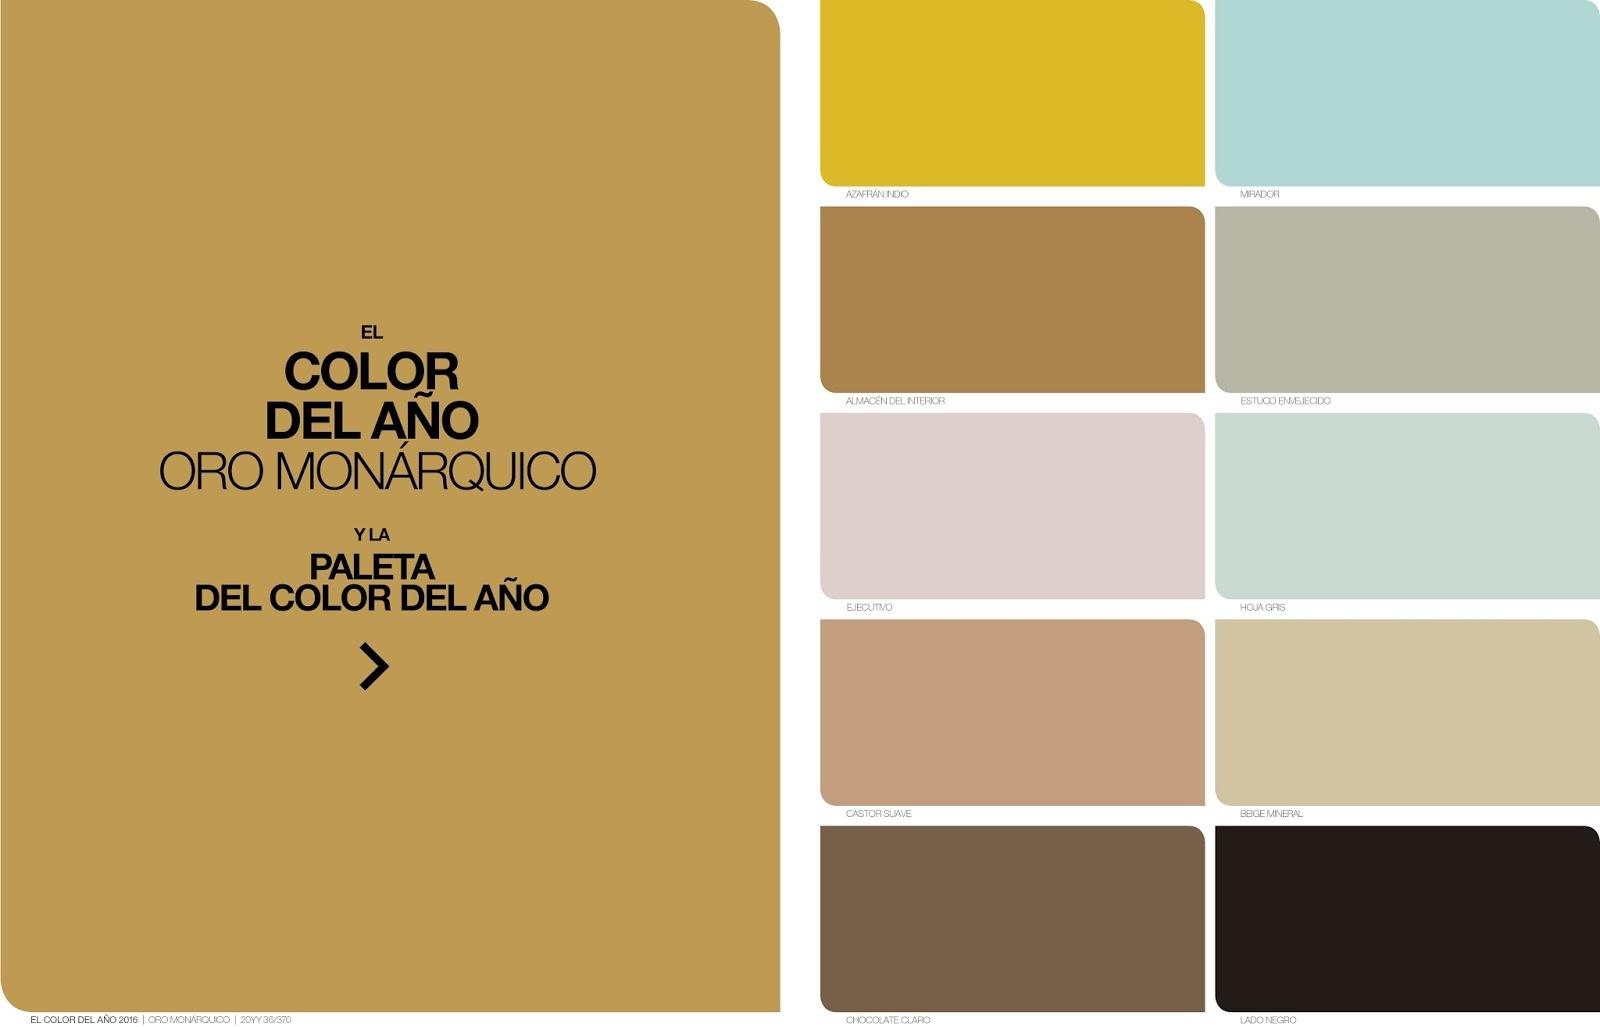 La colorista isabel de yzaguirre barcelona color - Paleta colores bruguer ...